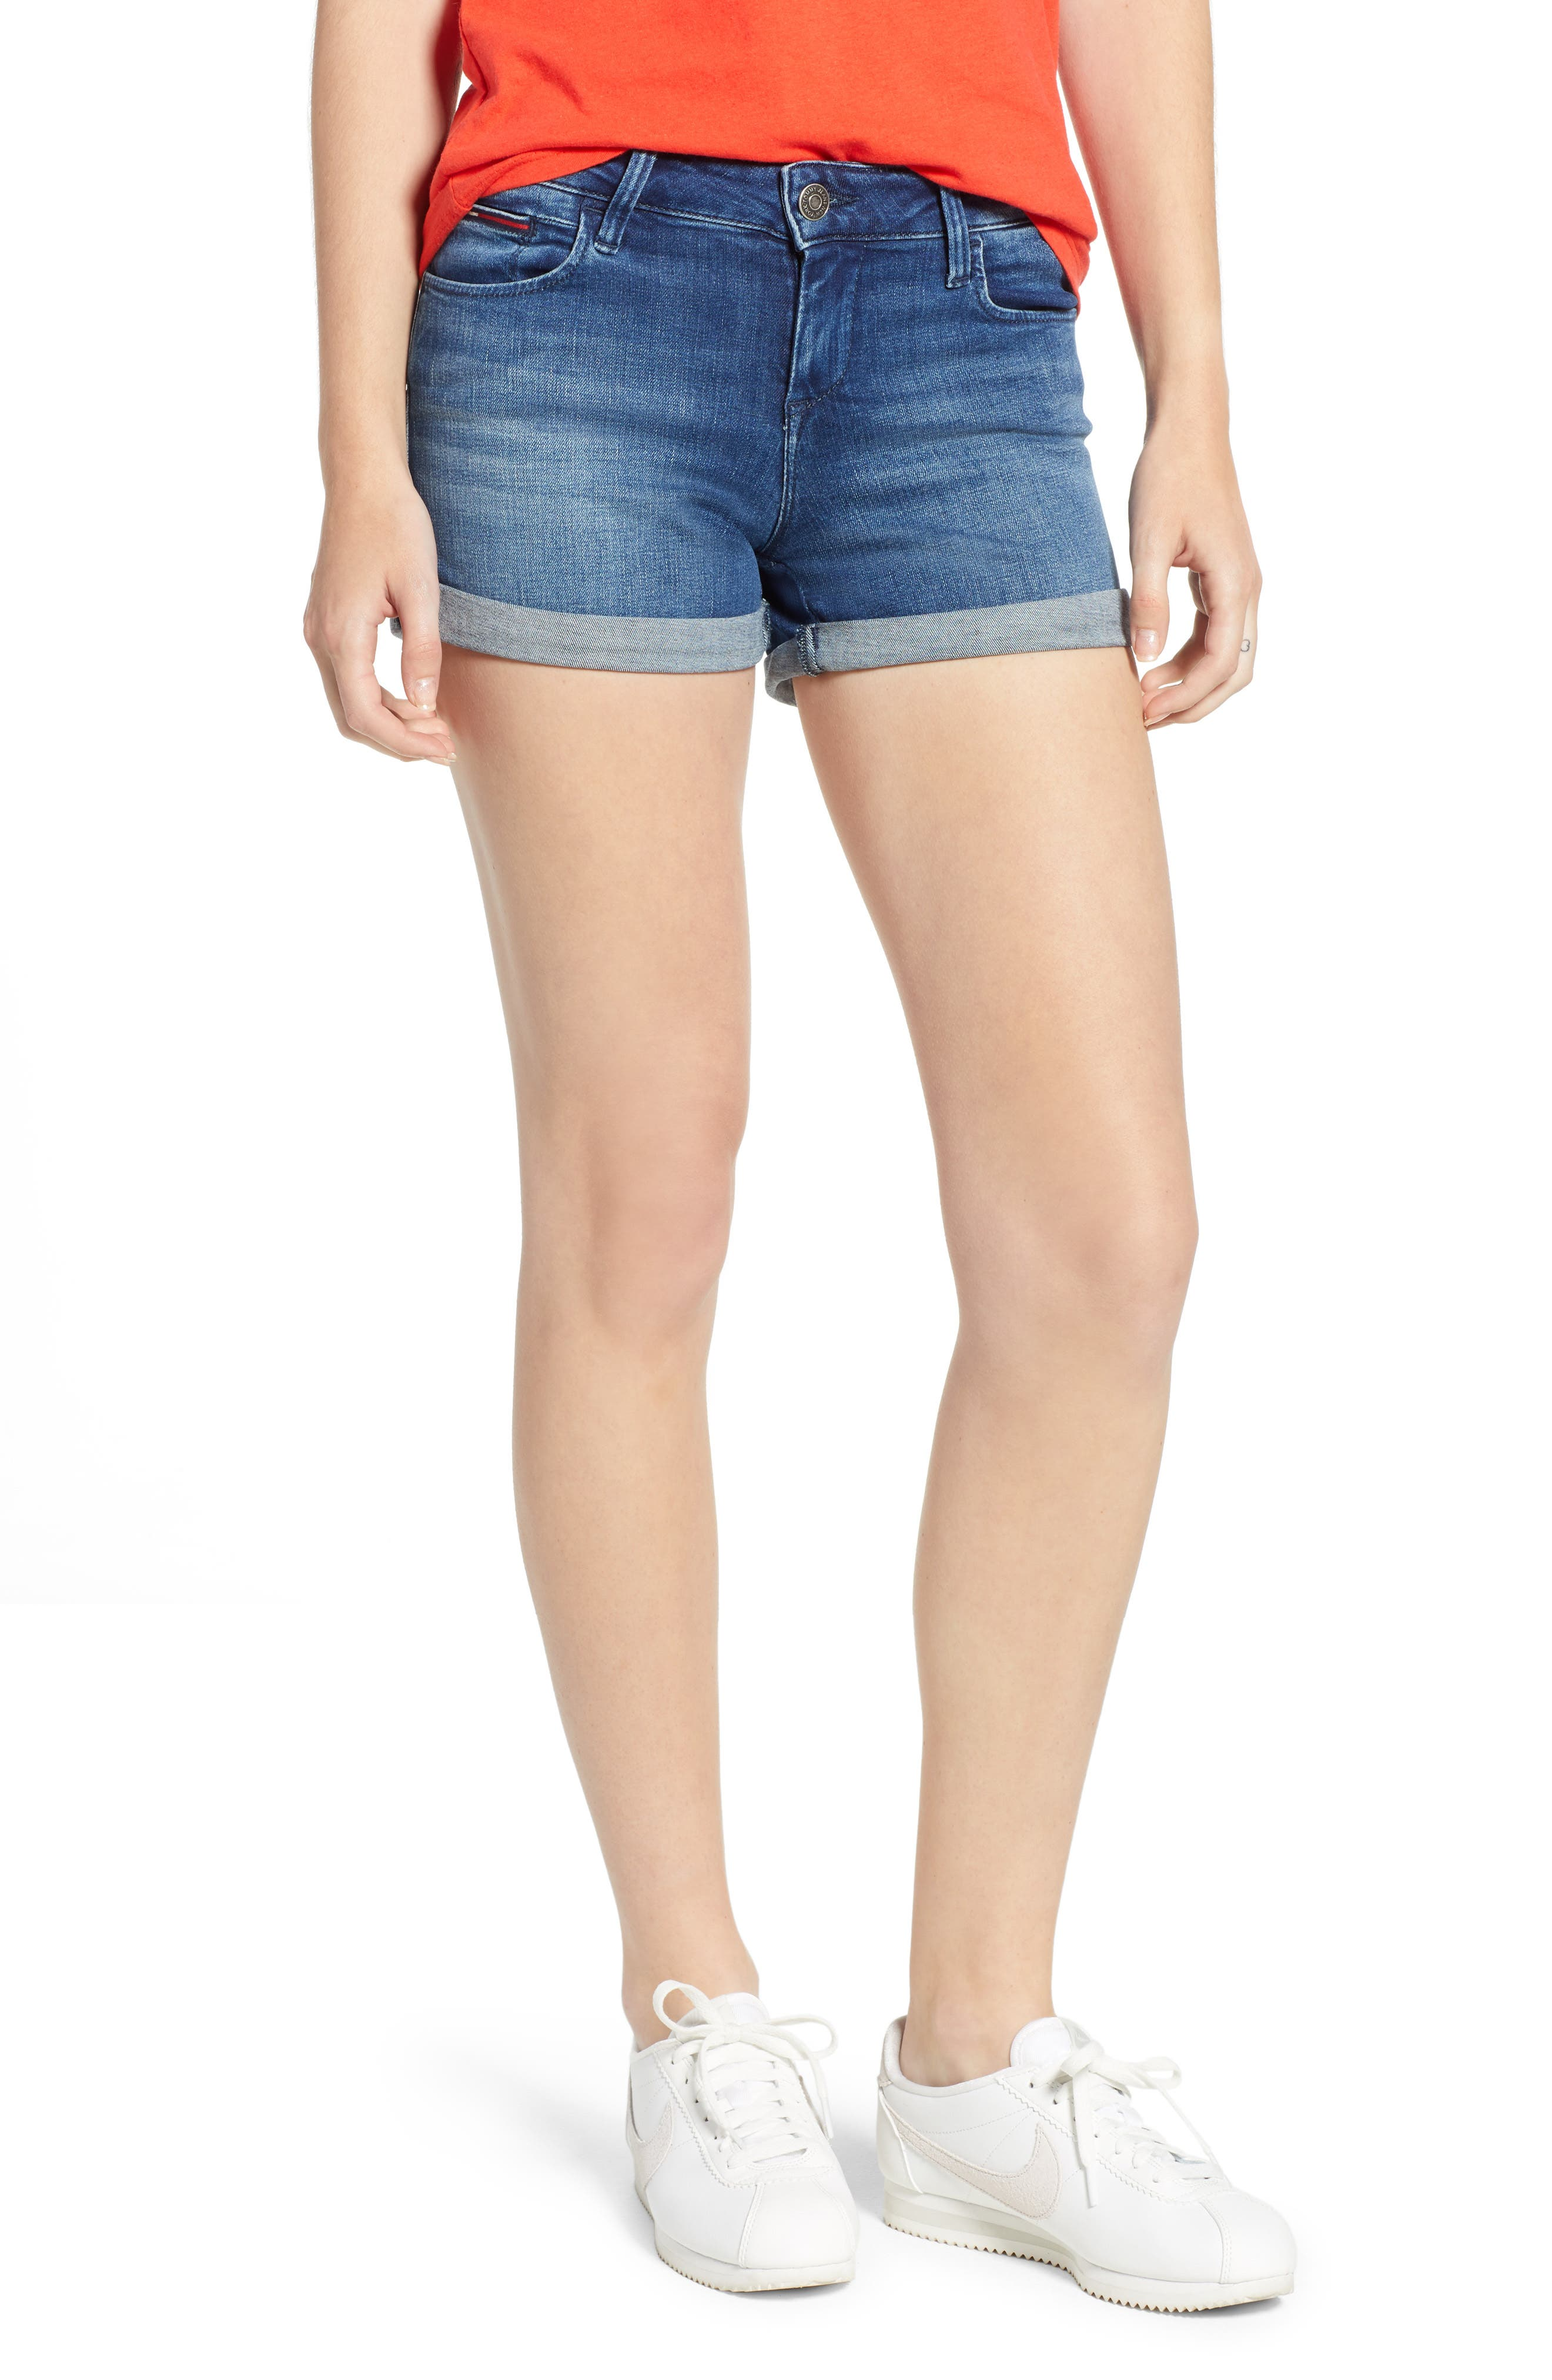 TJW Denim Shorts,                         Main,                         color, Newport Blue